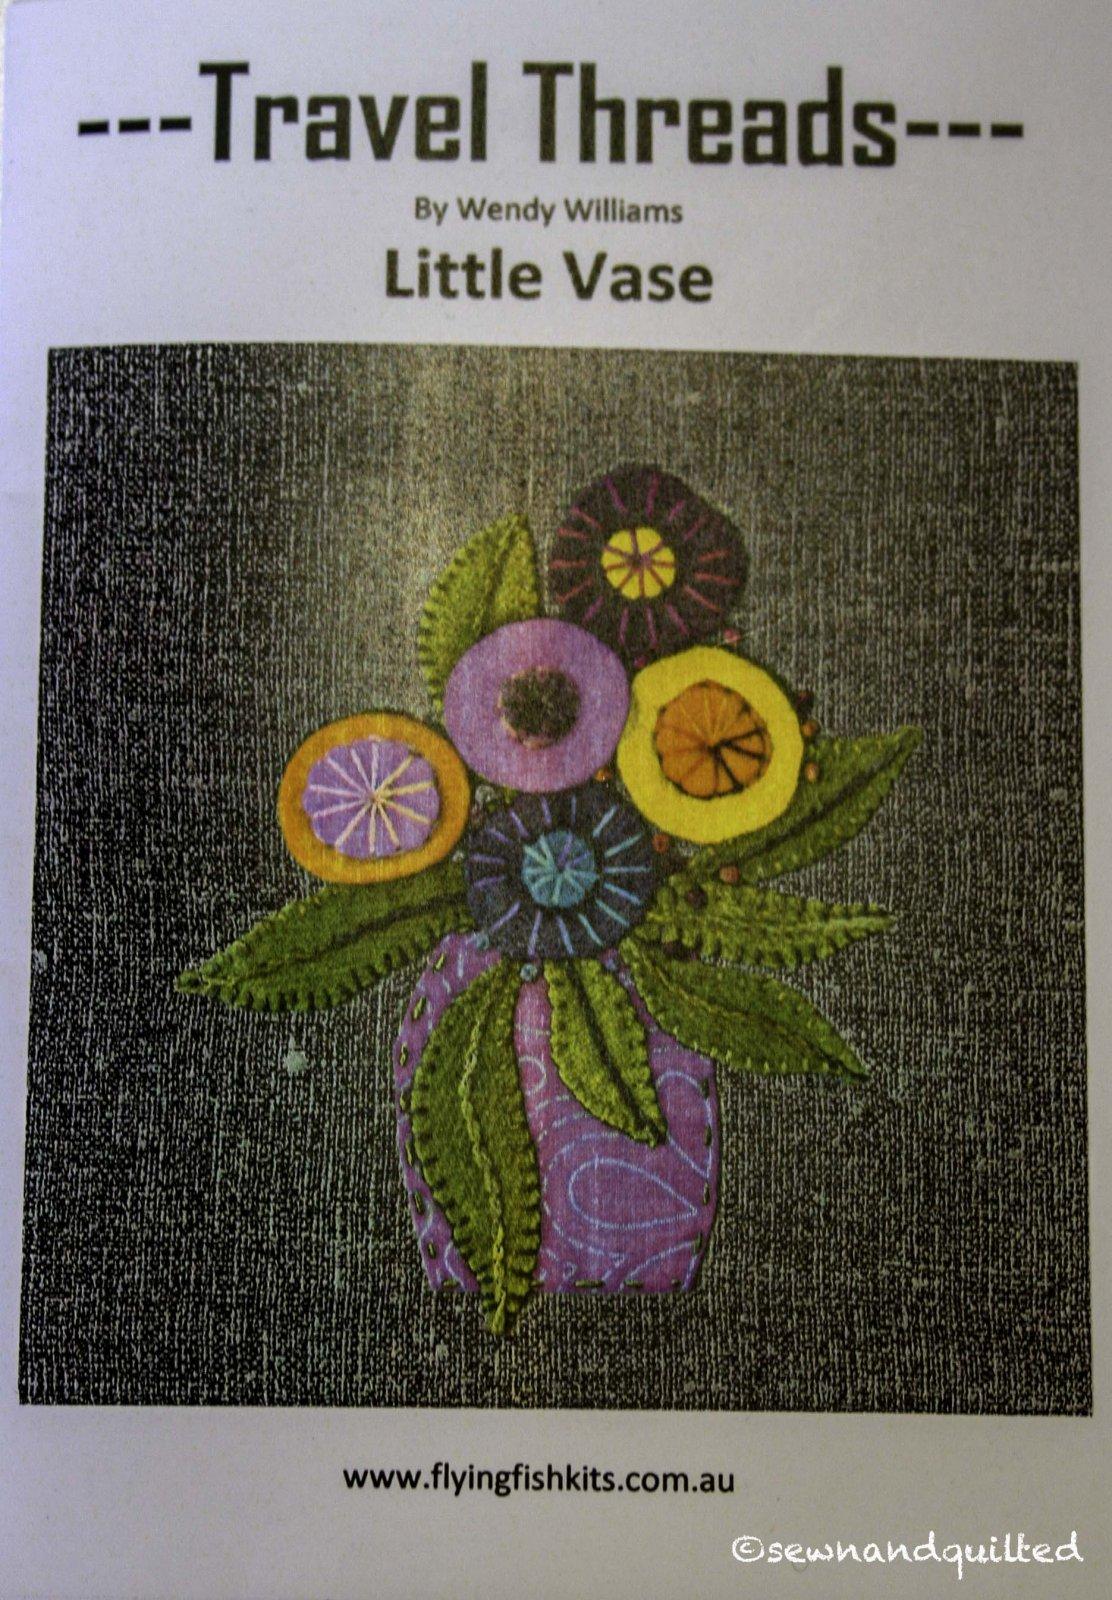 Wendy Williams : Travel Threads - Little Vase